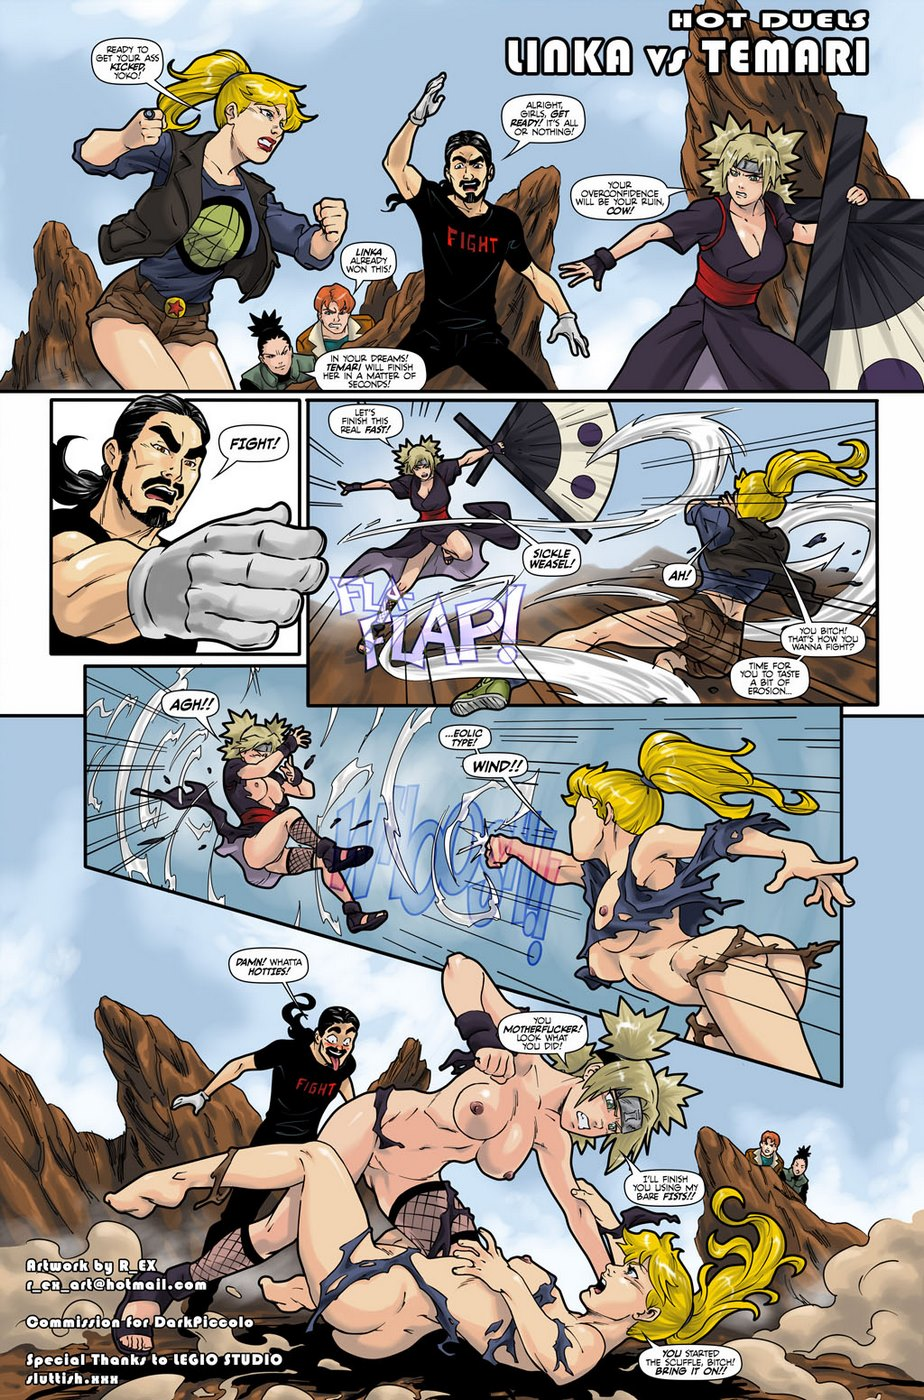 Hot Duels 1- Temari vs Linka (Naruto)